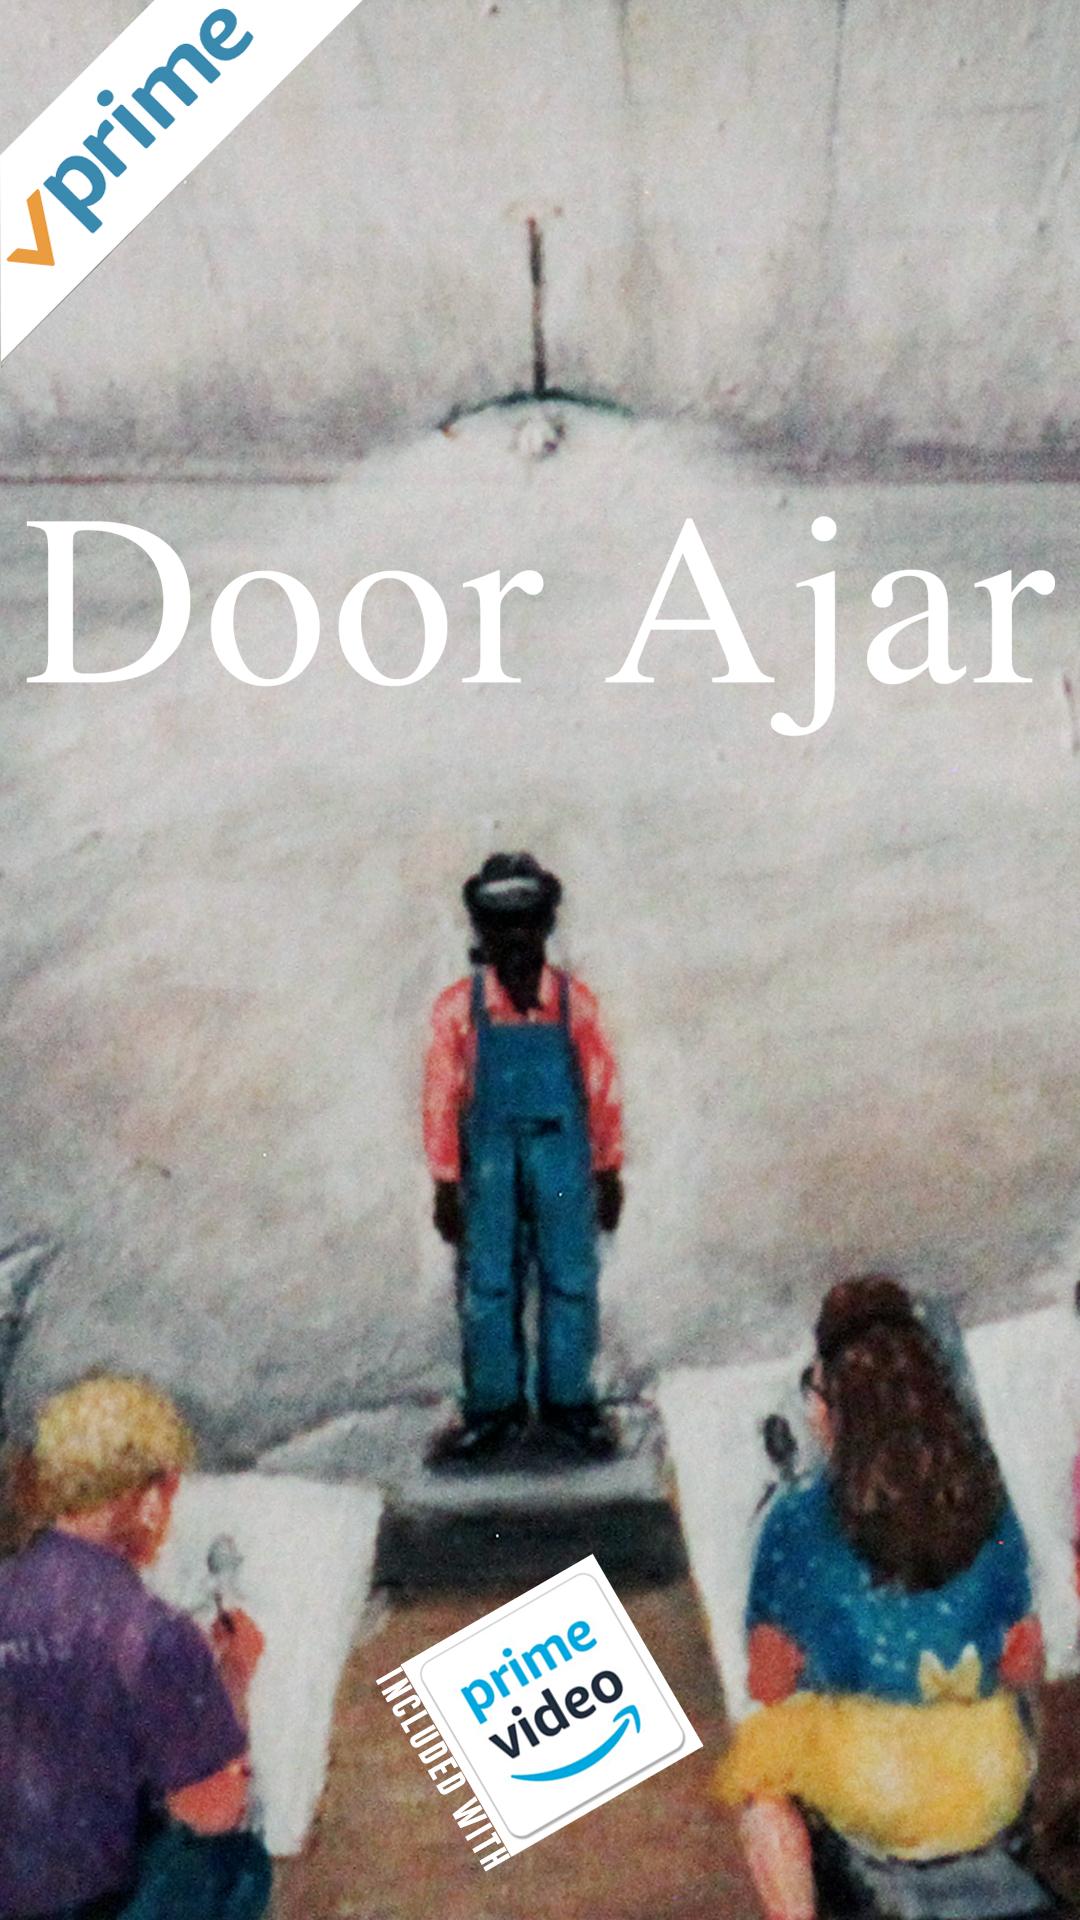 DOOR-AJAR-I_W_PRIME